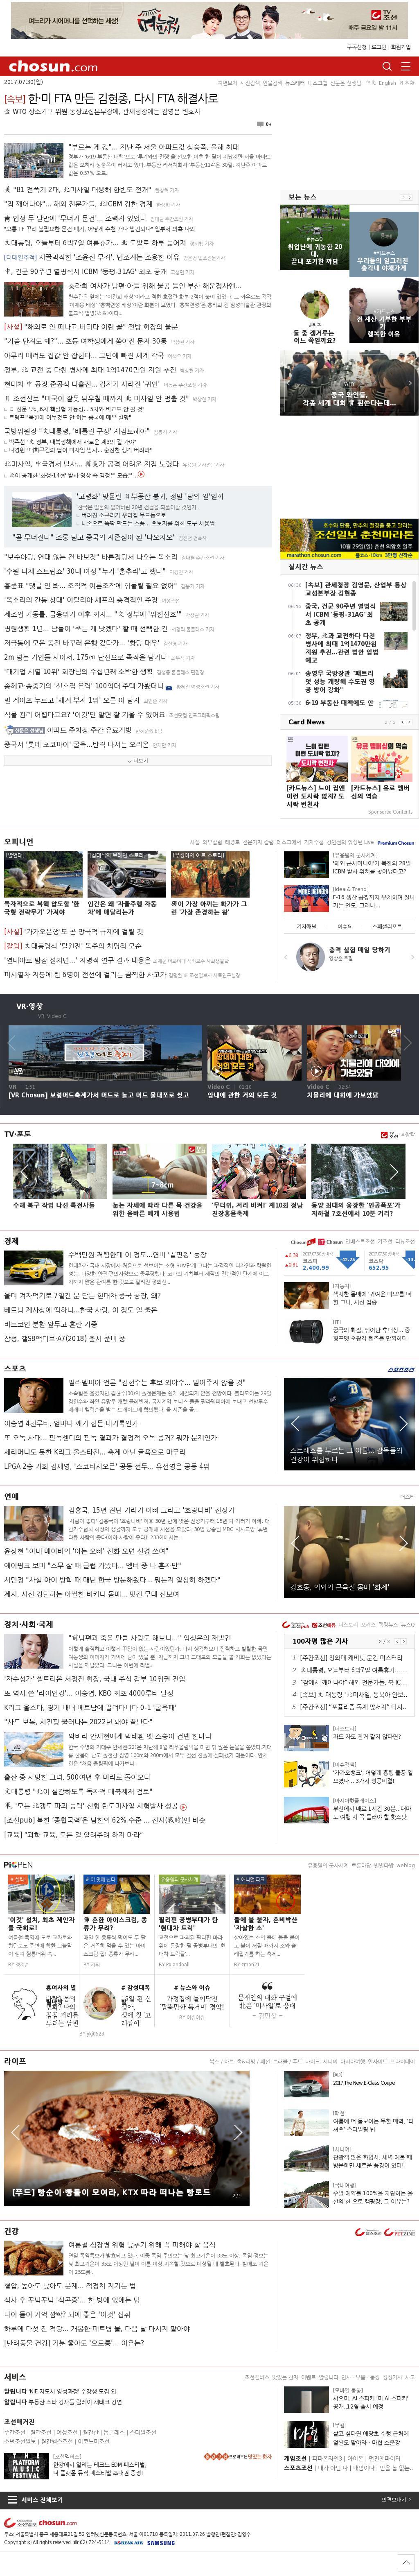 chosun.com at Sunday July 30, 2017, 7:01 a.m. UTC